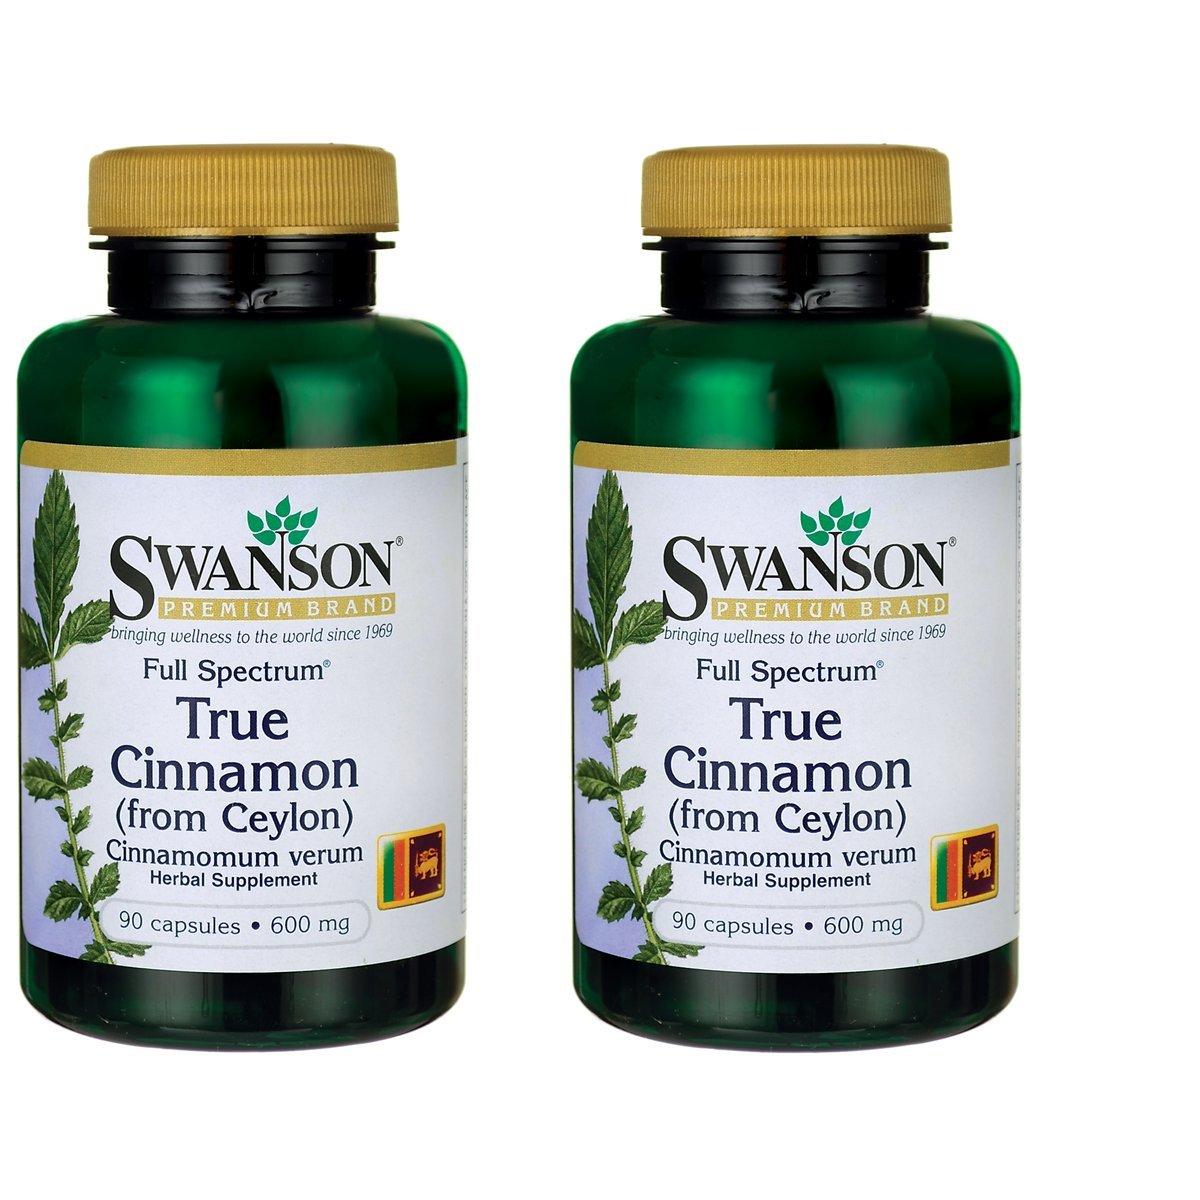 Swanson Full Spectrum True Cinnamon 600 Milligram, 90 Caps Pack of 2